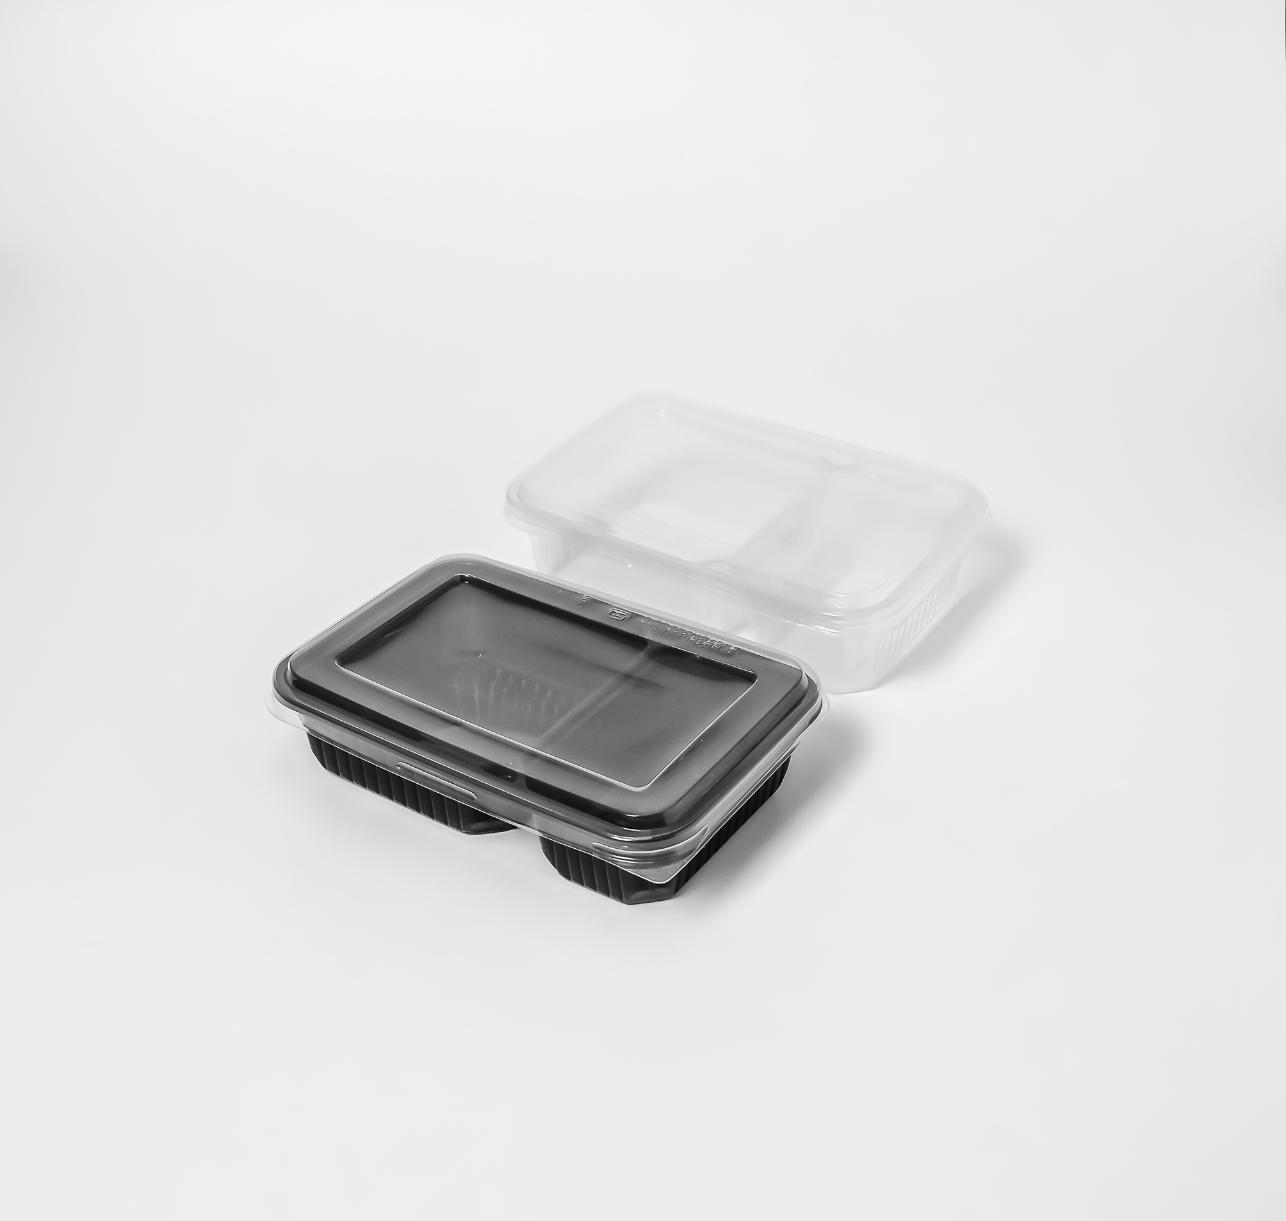 กล่องอาหารพลาสติก 2 ช่อง 650ml (ฝาไร้ฝ้า)